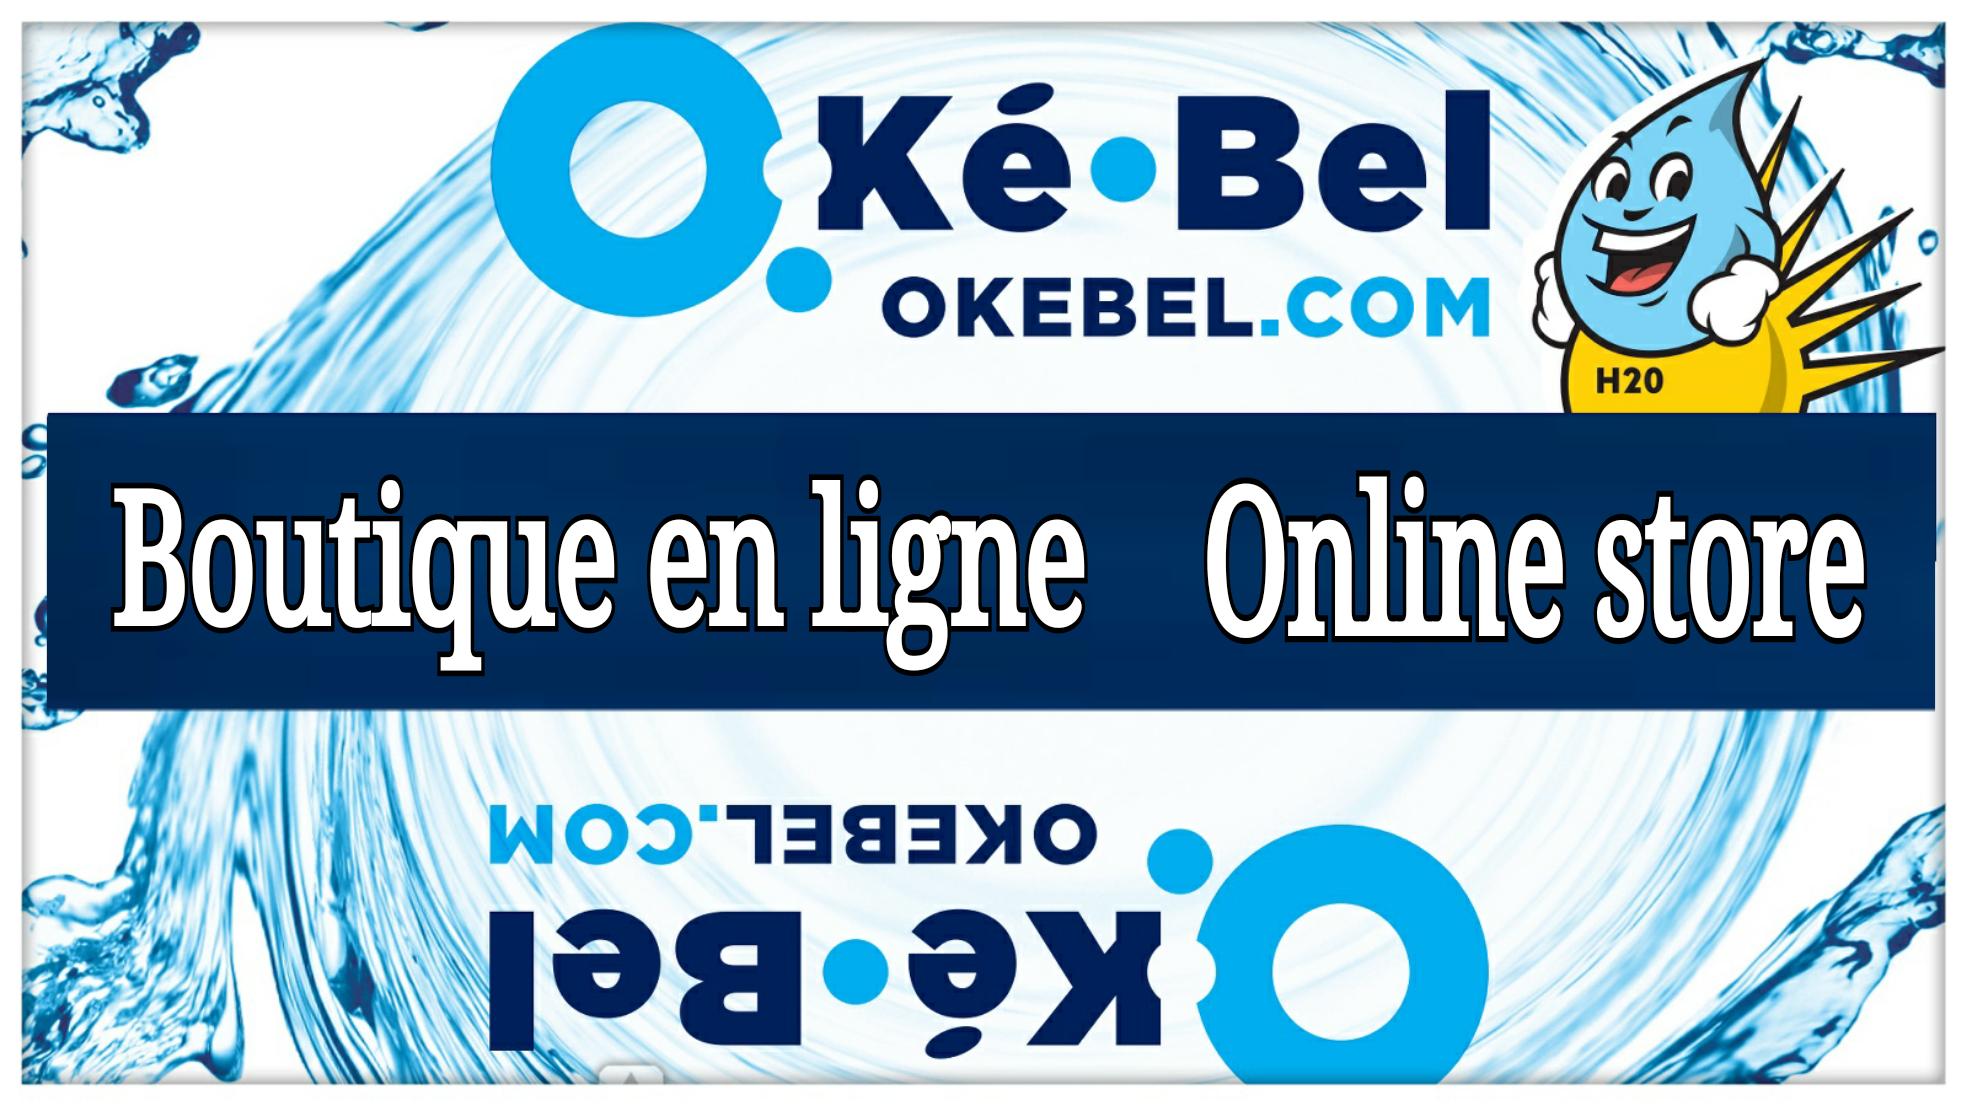 OKEBEL.com